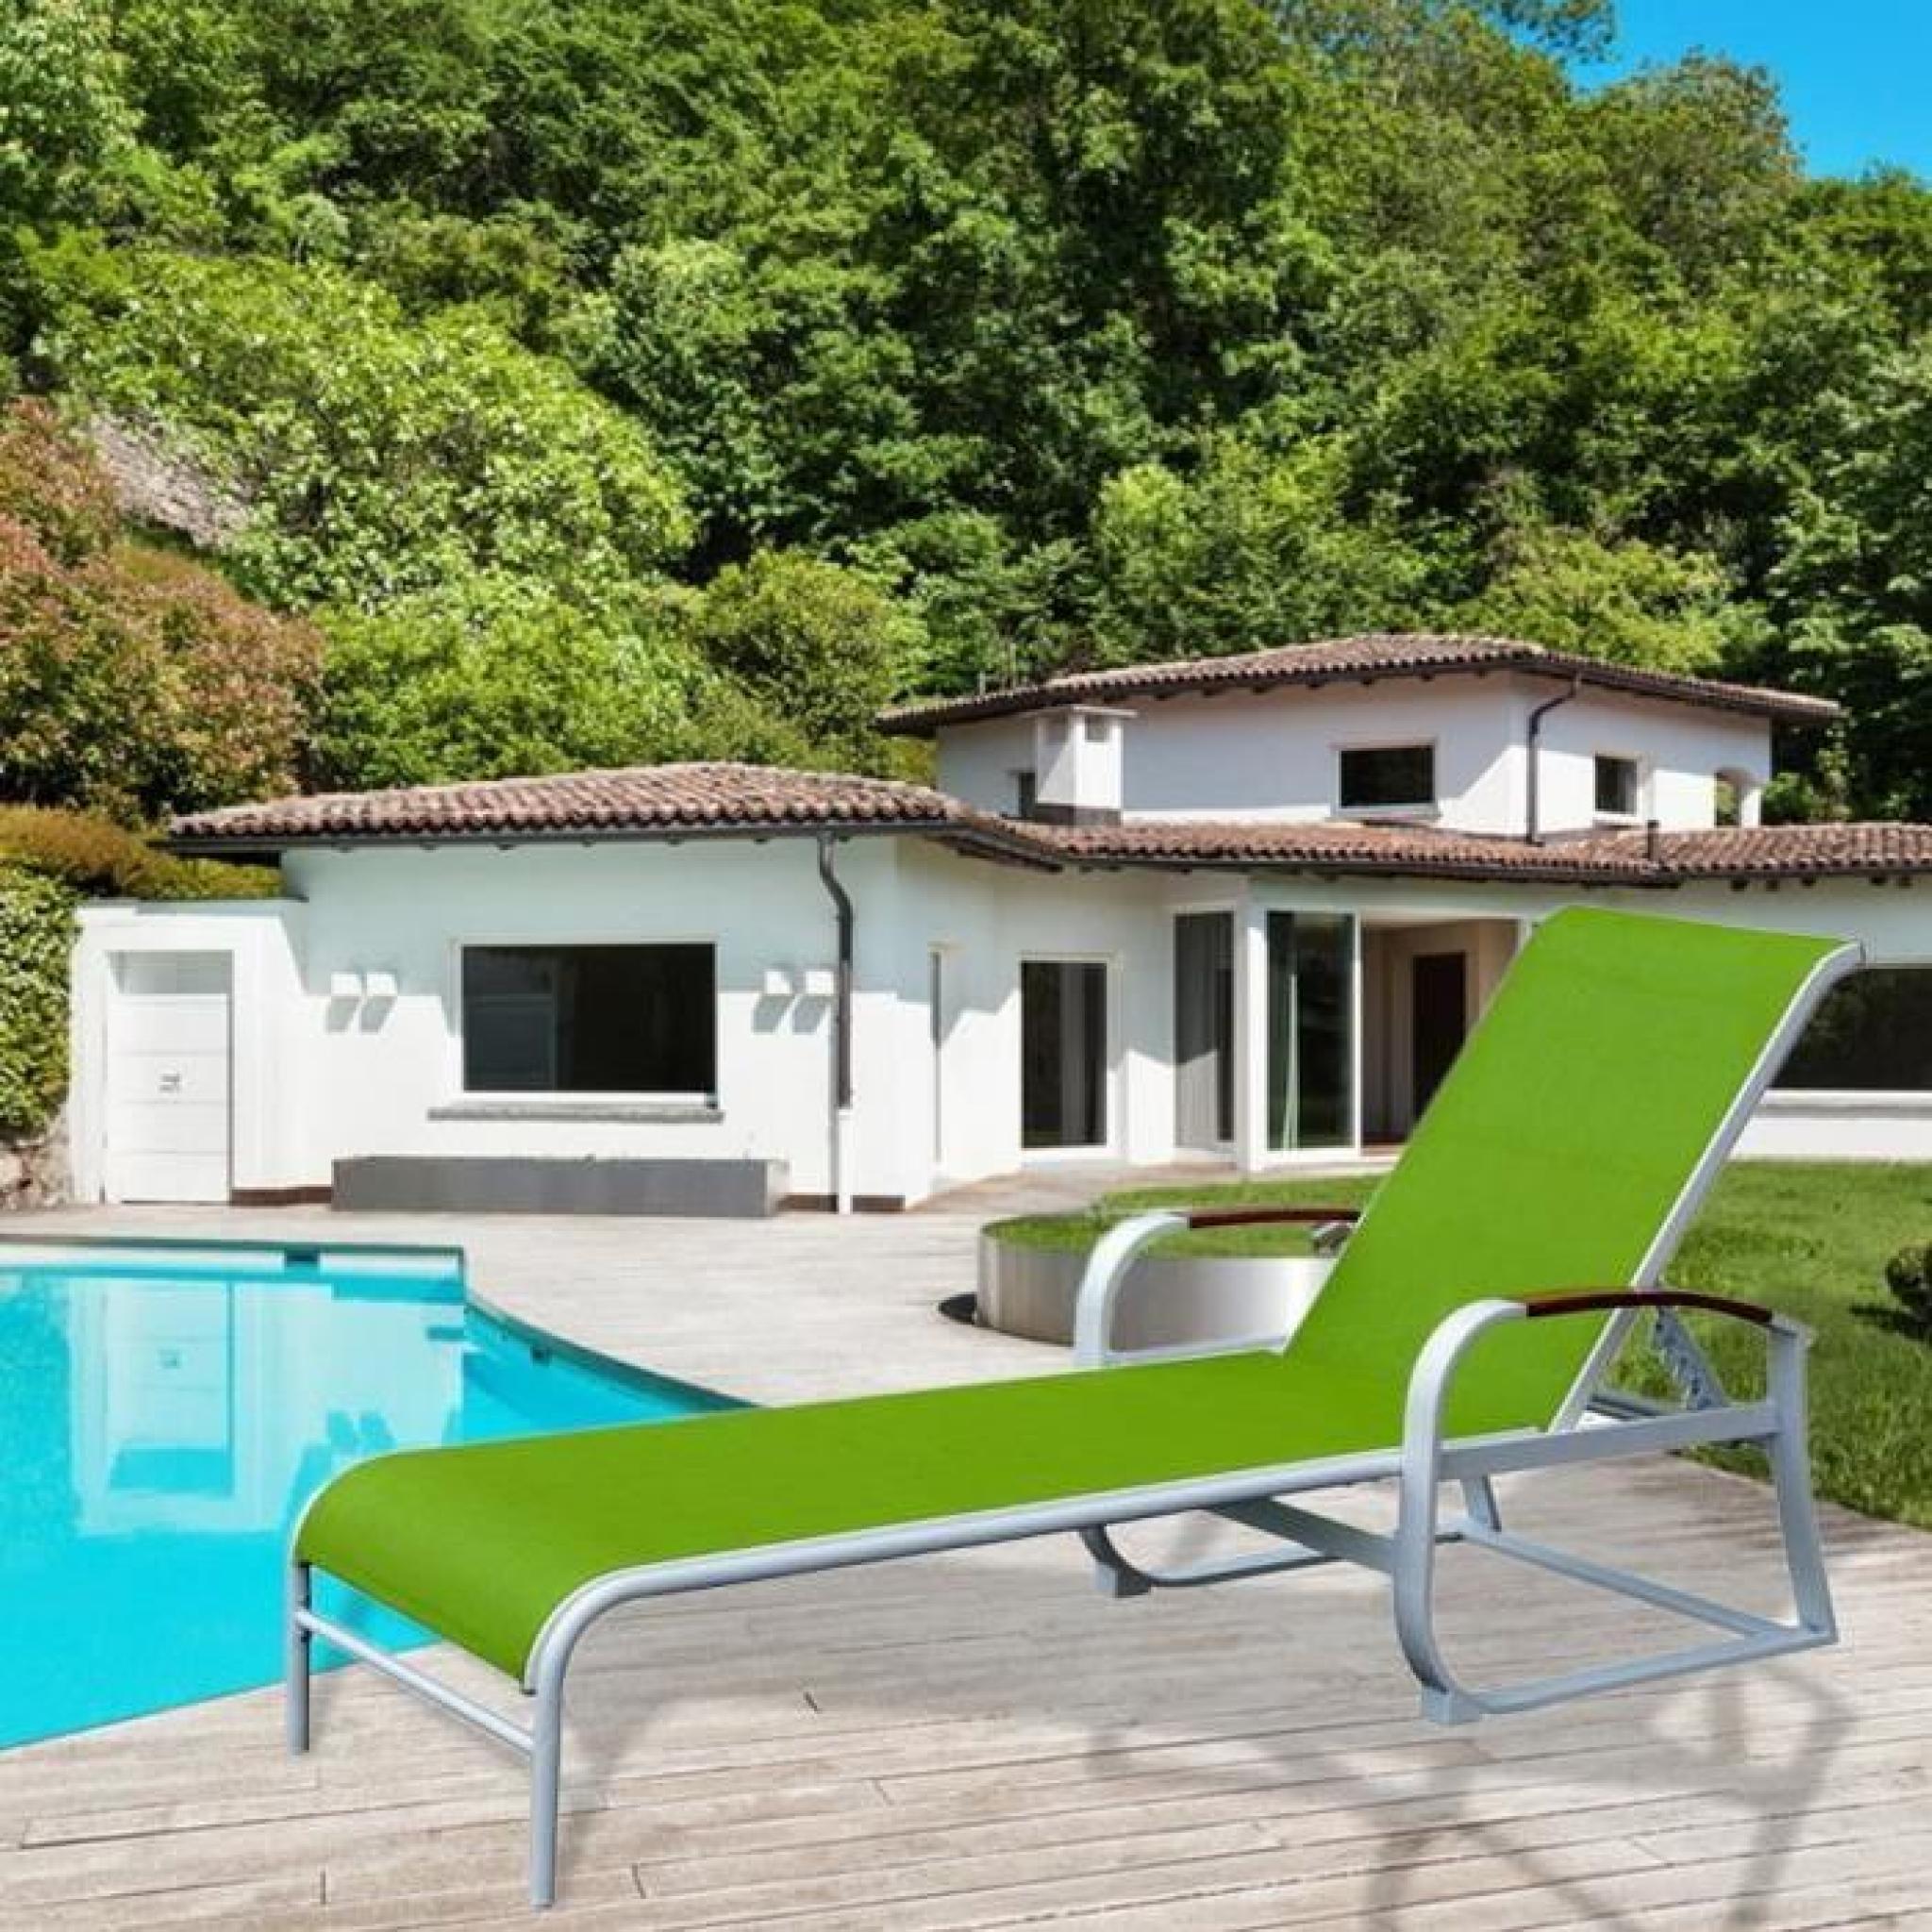 homdox chaise longue jardin toile tissu acier tube empilable achat vente transat de jardin pas. Black Bedroom Furniture Sets. Home Design Ideas